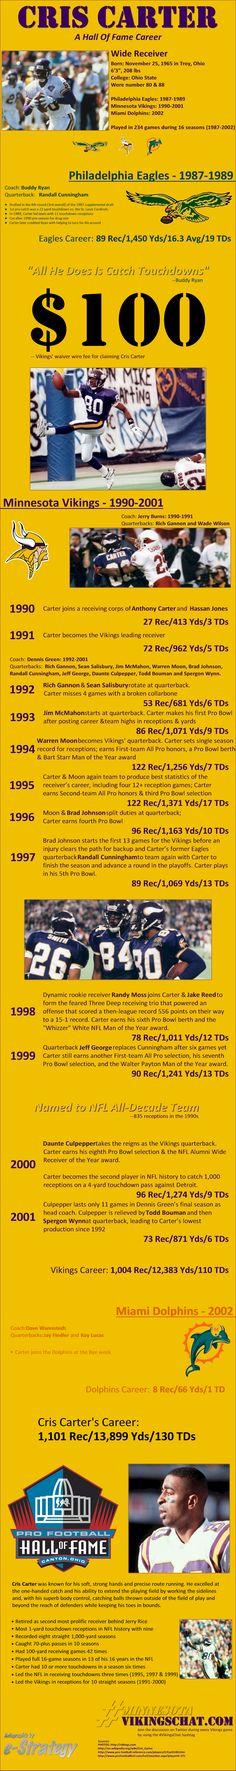 Cris Carter's Hall Of Fame Career INFOGRAPHIC - Minnesota Vikings Football HallOfFame